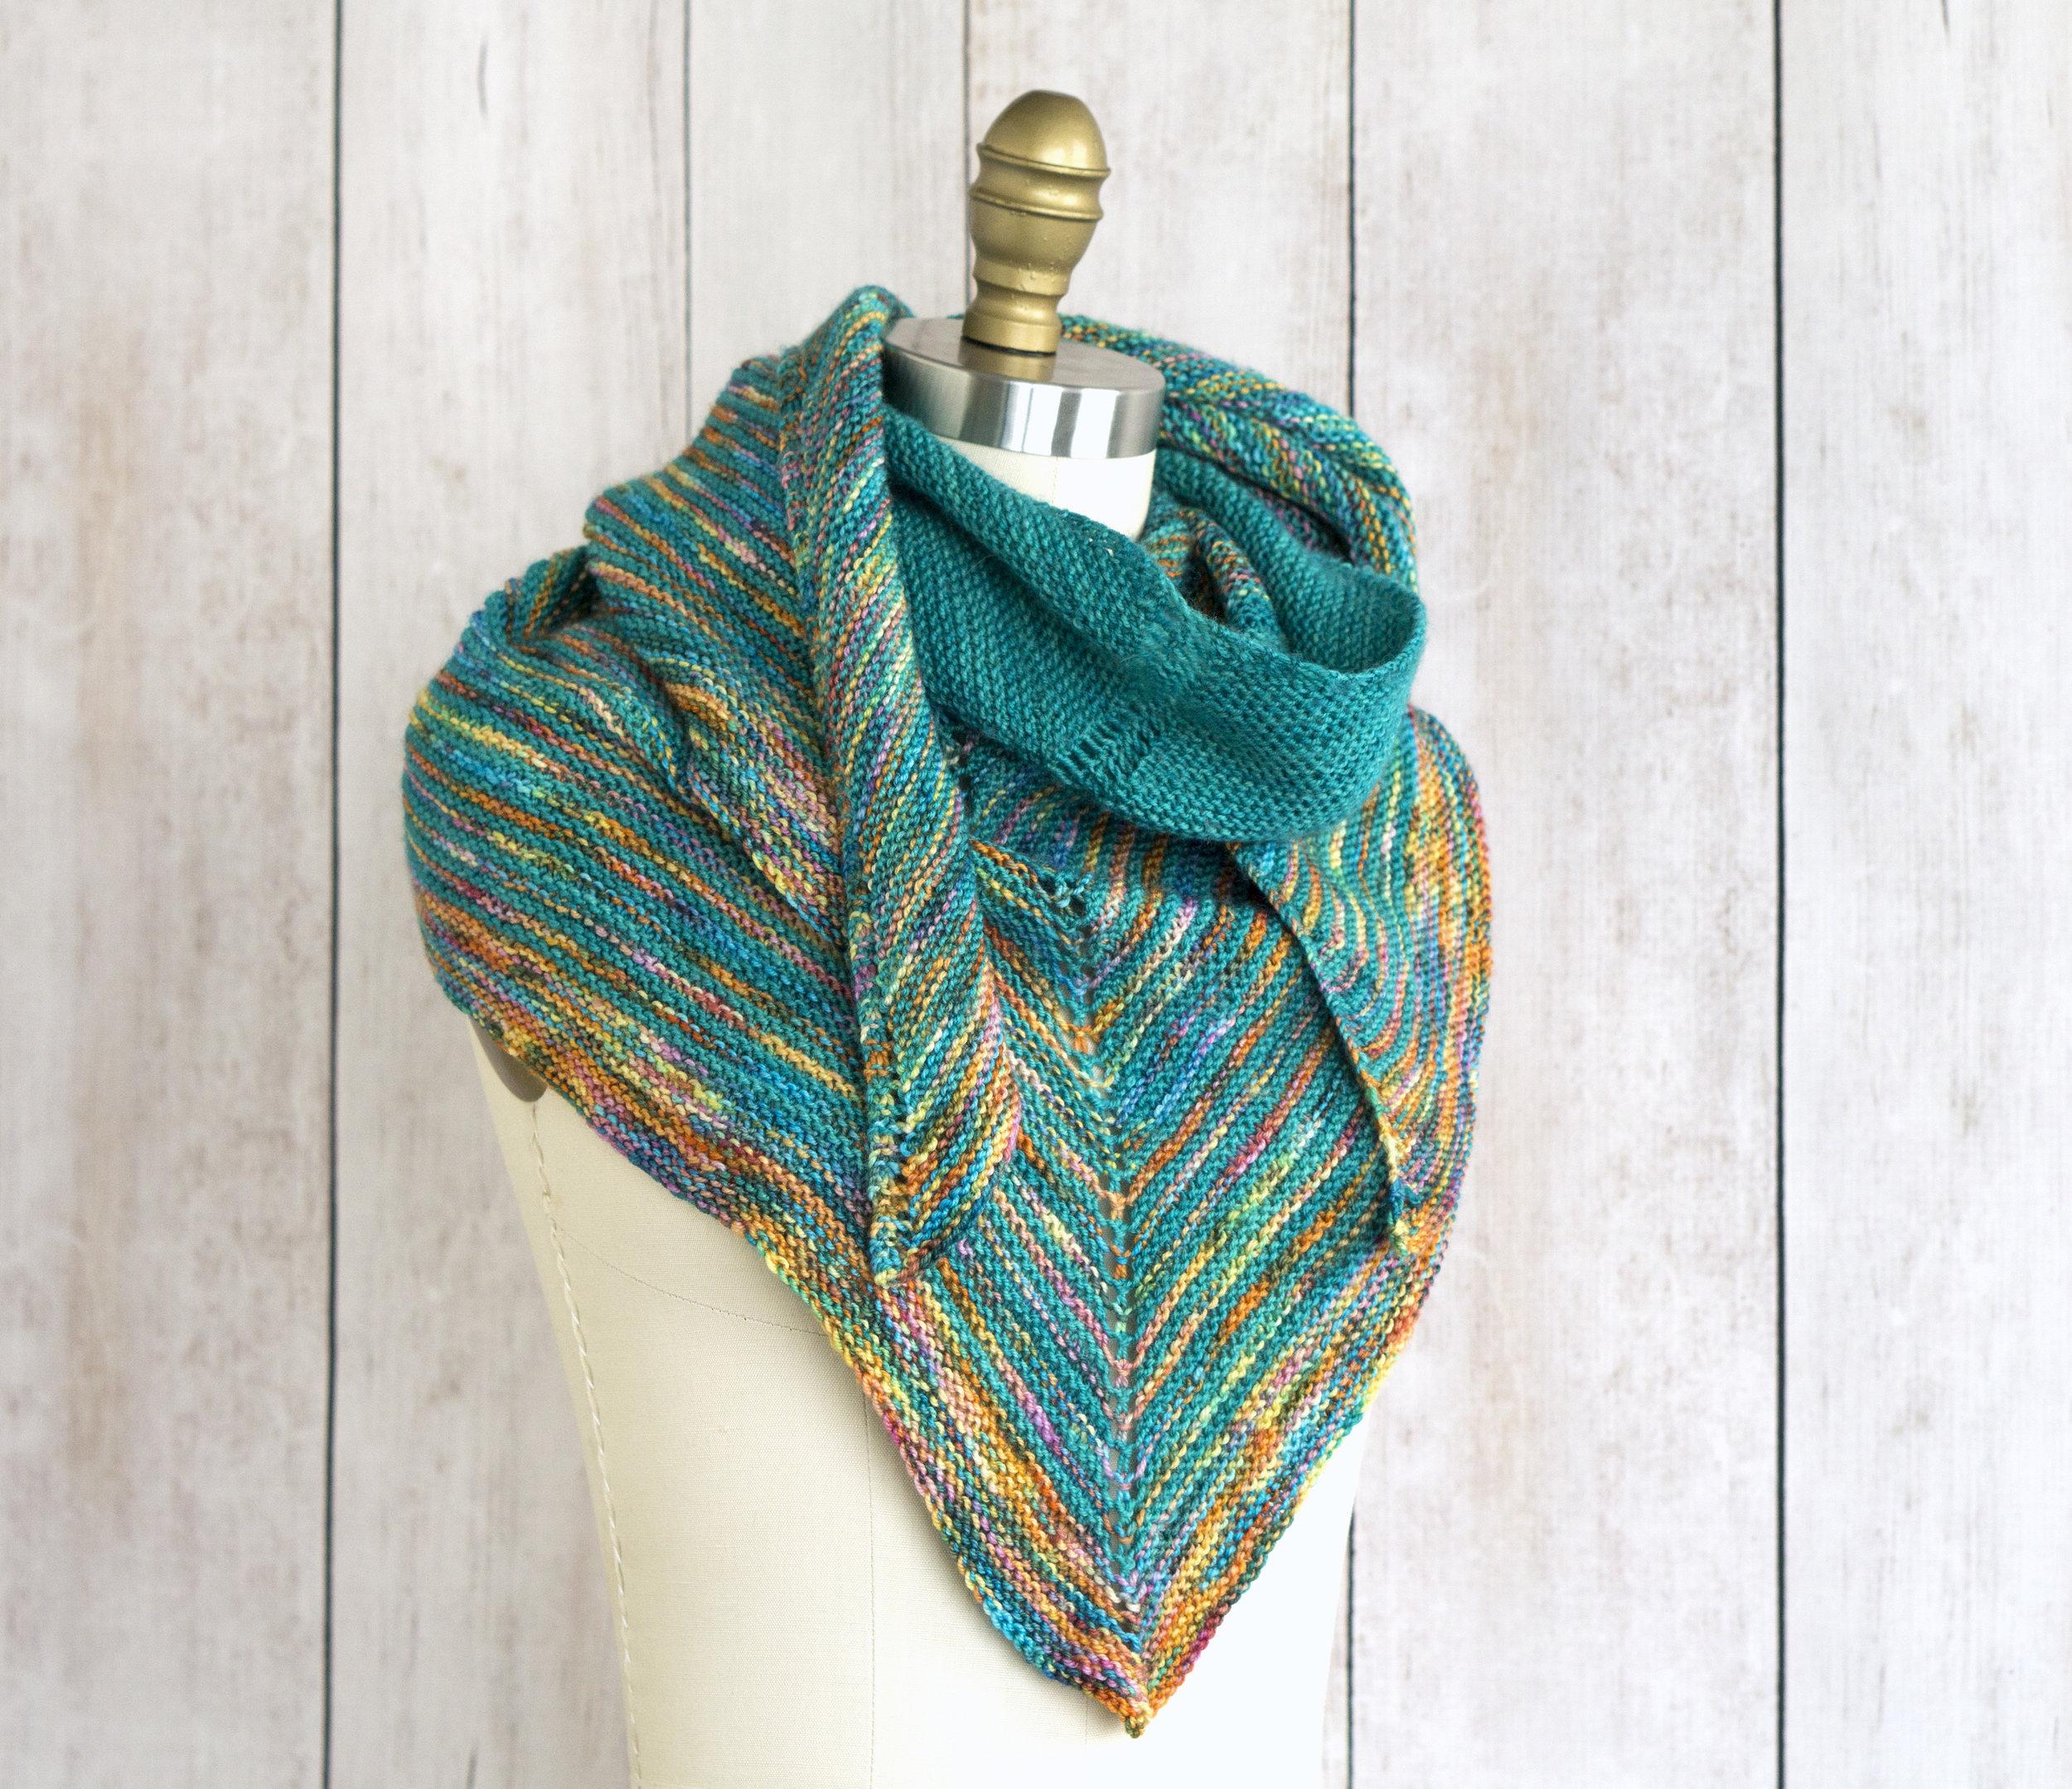 Allspice Shawl Free Knitting Pattern